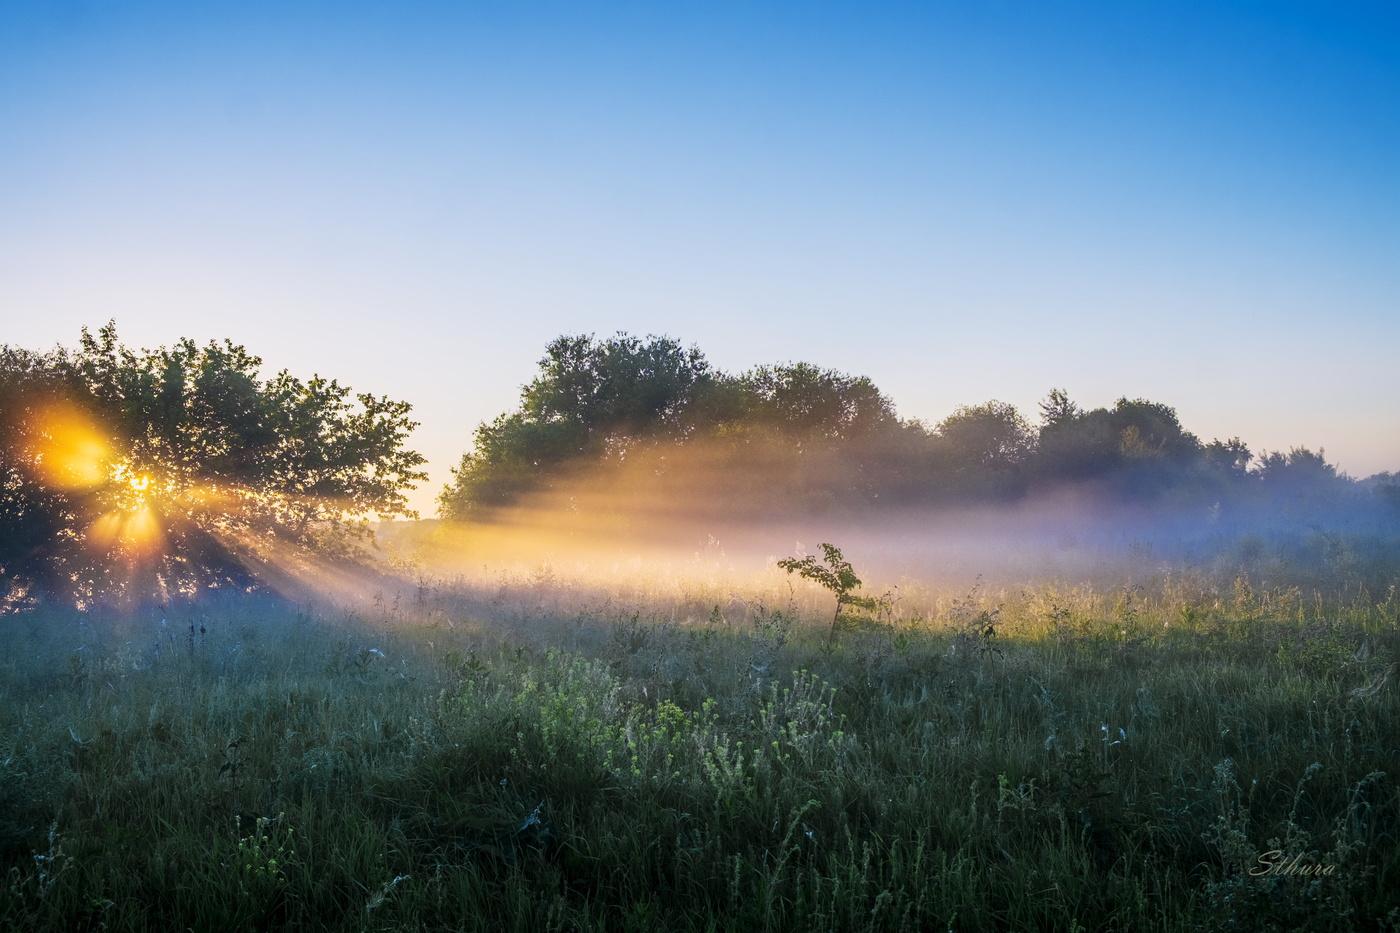 сборки деталей туман летом фото идет восстановлении несущей